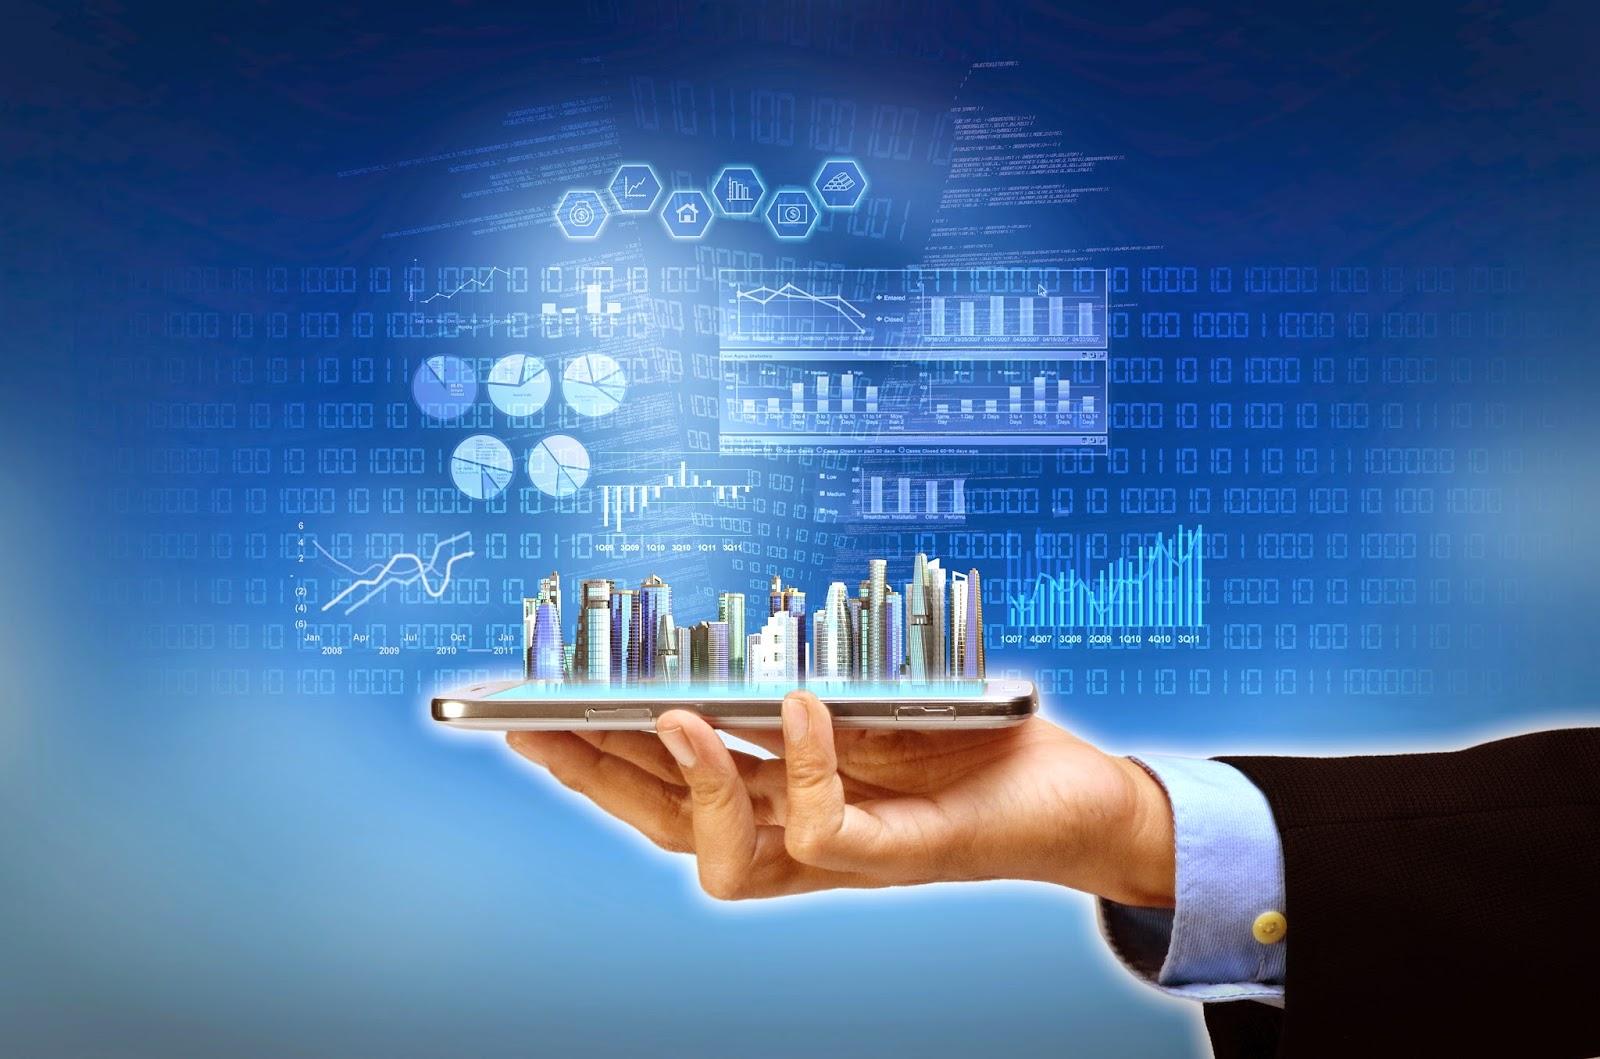 Перечень технологий для экспериментальных правовых режимов в сфере цифровых инноваций утвержден